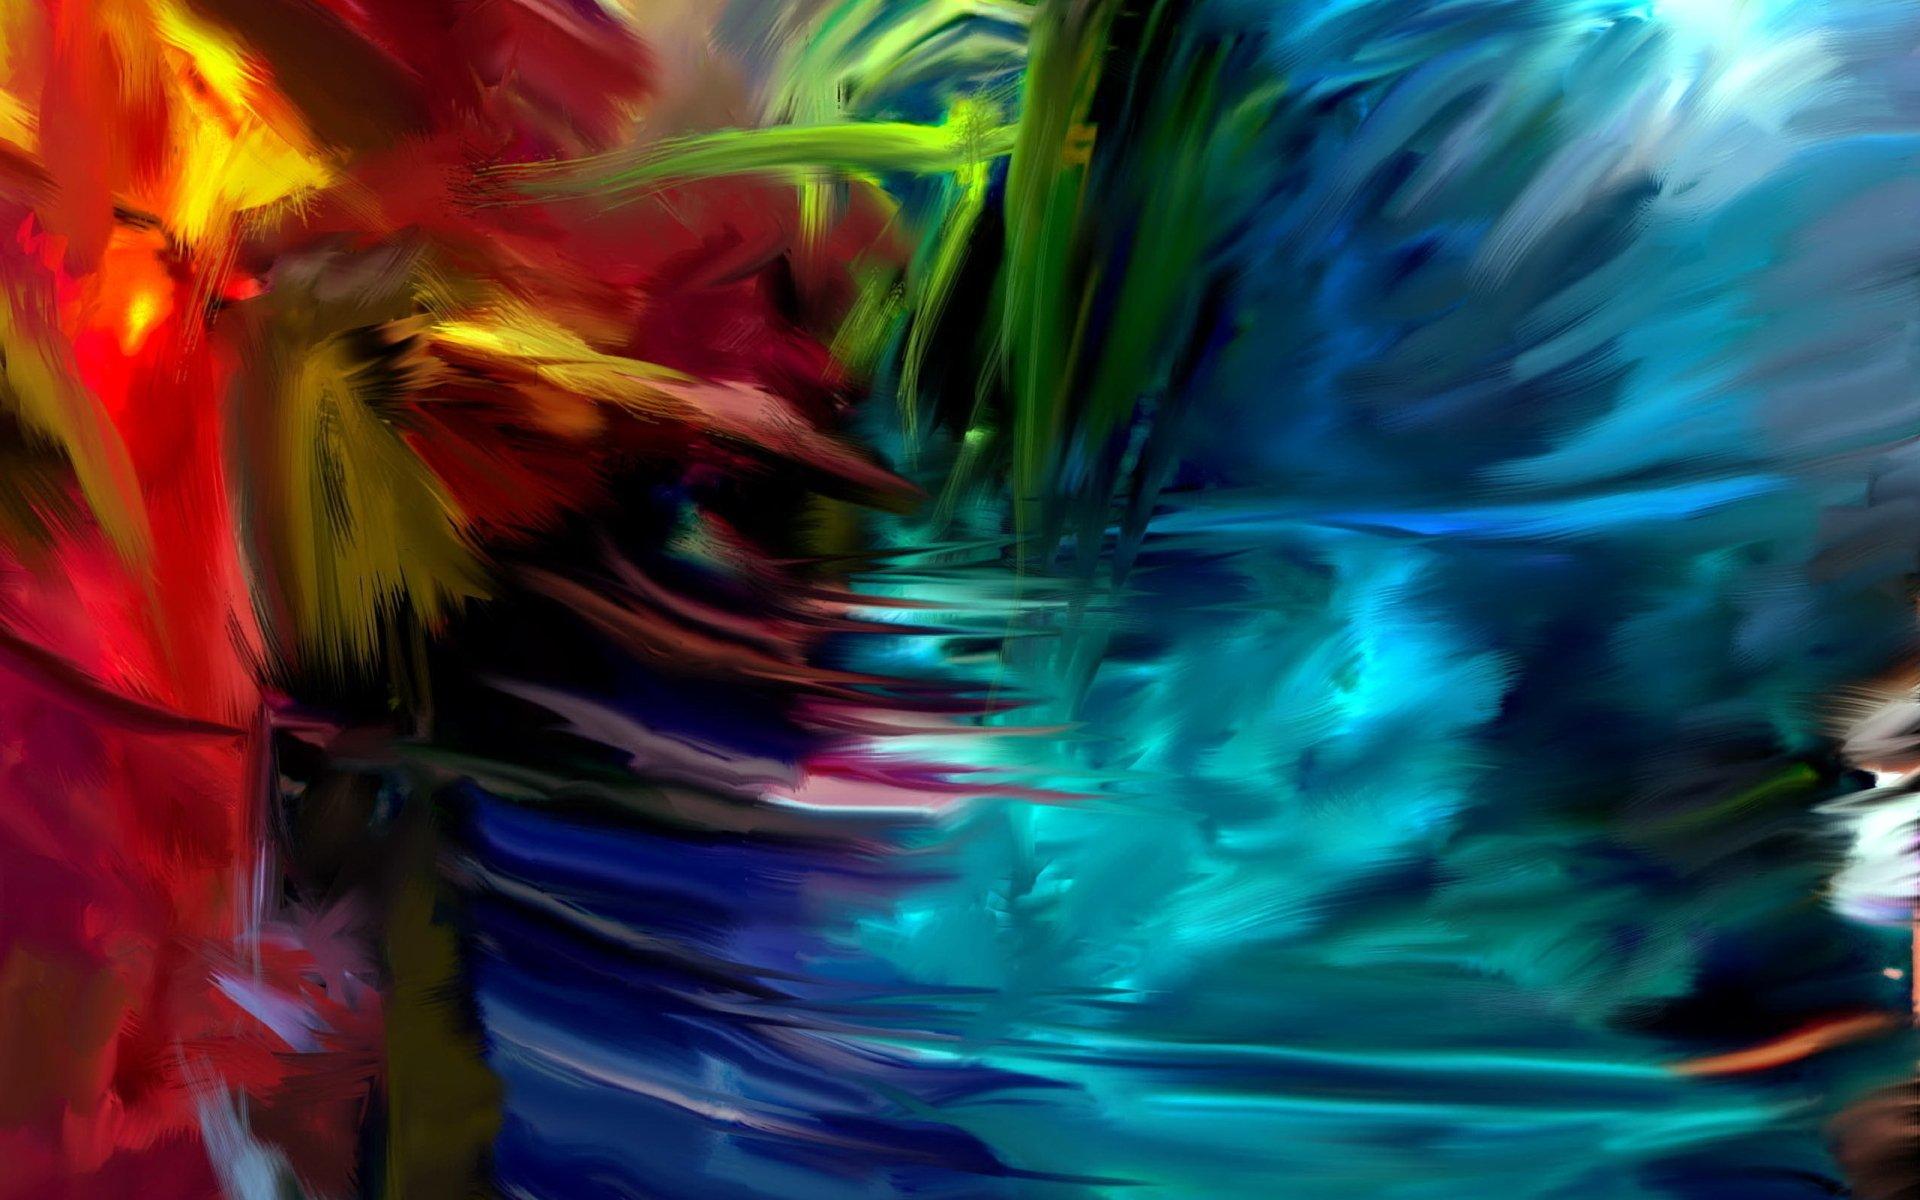 Colors Hd Wallpaper